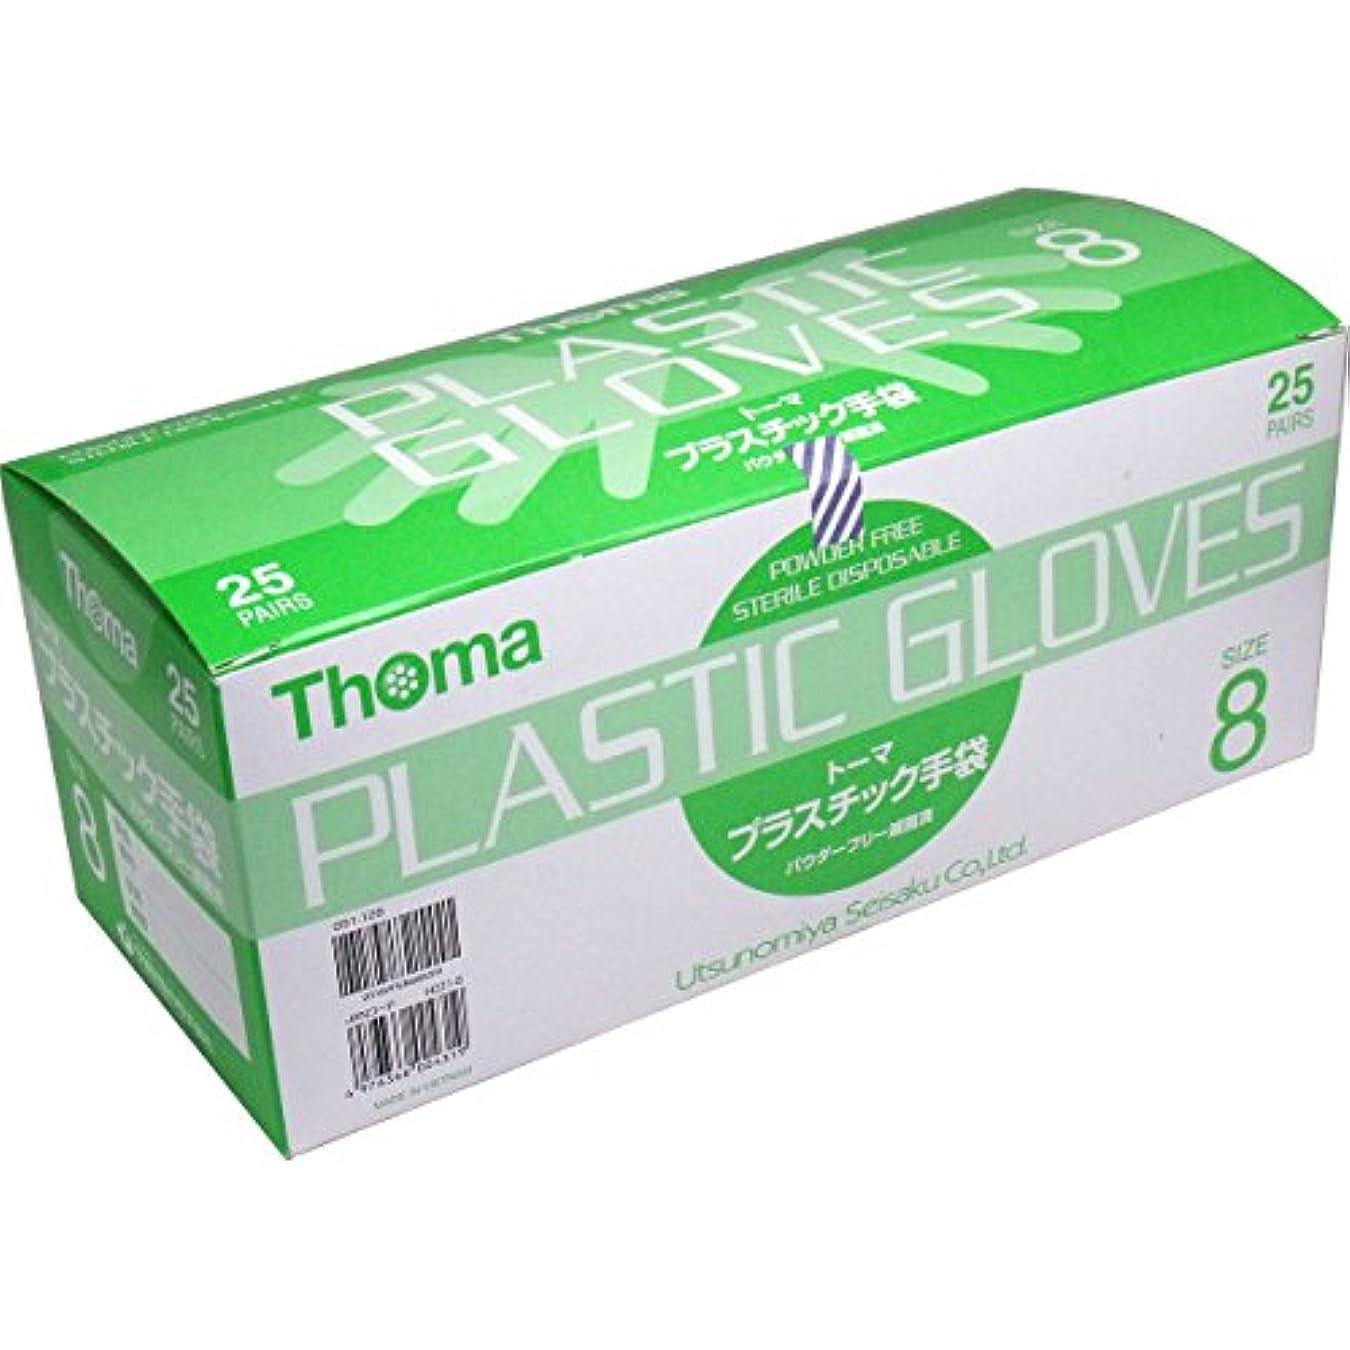 リーチ通行人フライカイトポリ塩化ビニル製 手袋 1双毎に滅菌包装、衛生的 人気商品 トーマ プラスチック手袋 パウダーフリー滅菌済 25双入 サイズ8